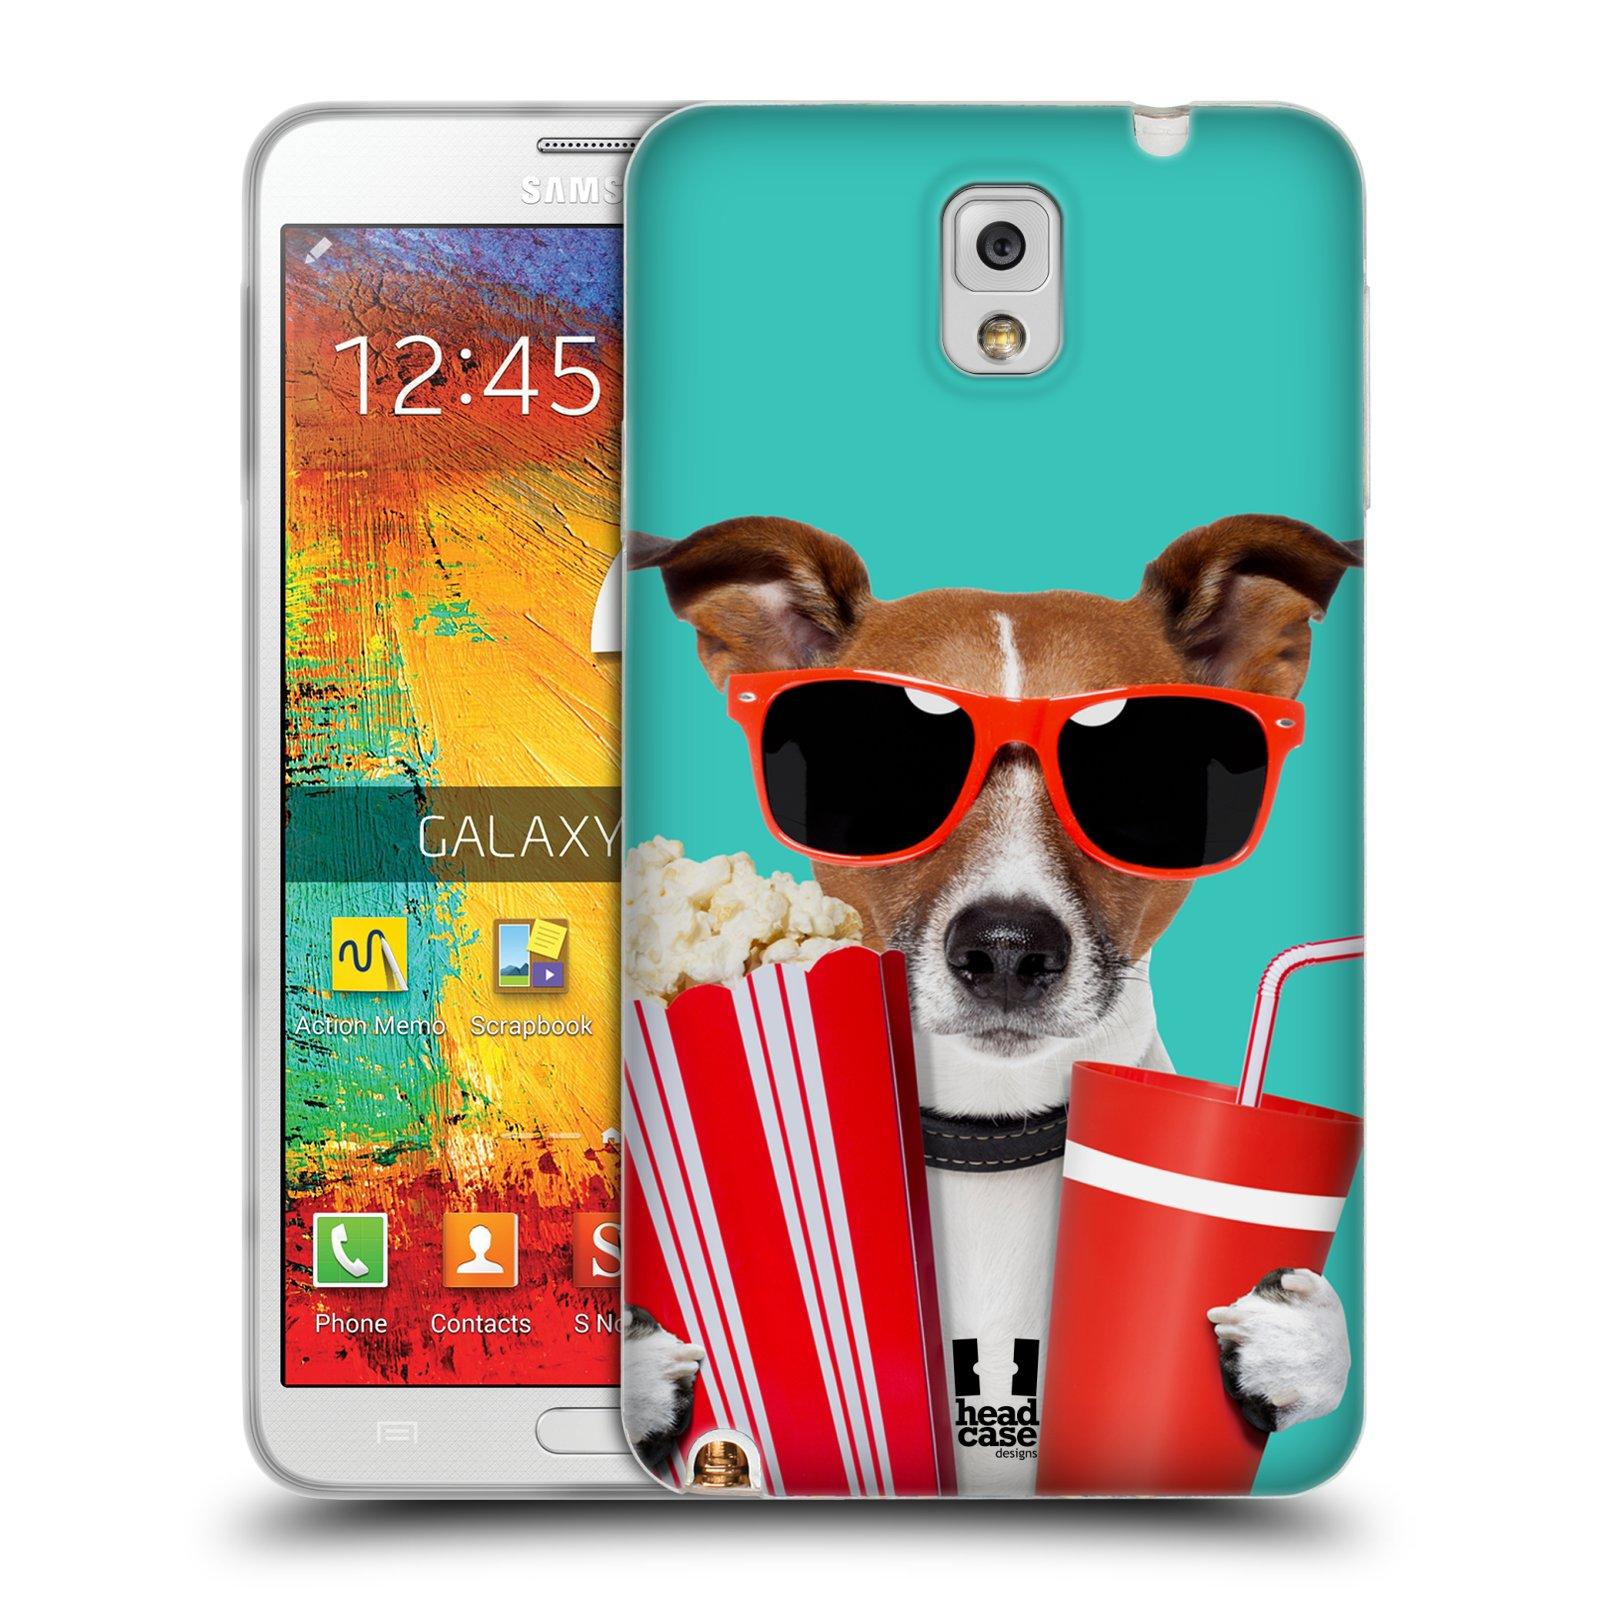 HEAD CASE silikonový obal na mobil Samsung Galaxy Note 3 (N9005) vzor Legrační zvířátka pejsek v kině s popkornem